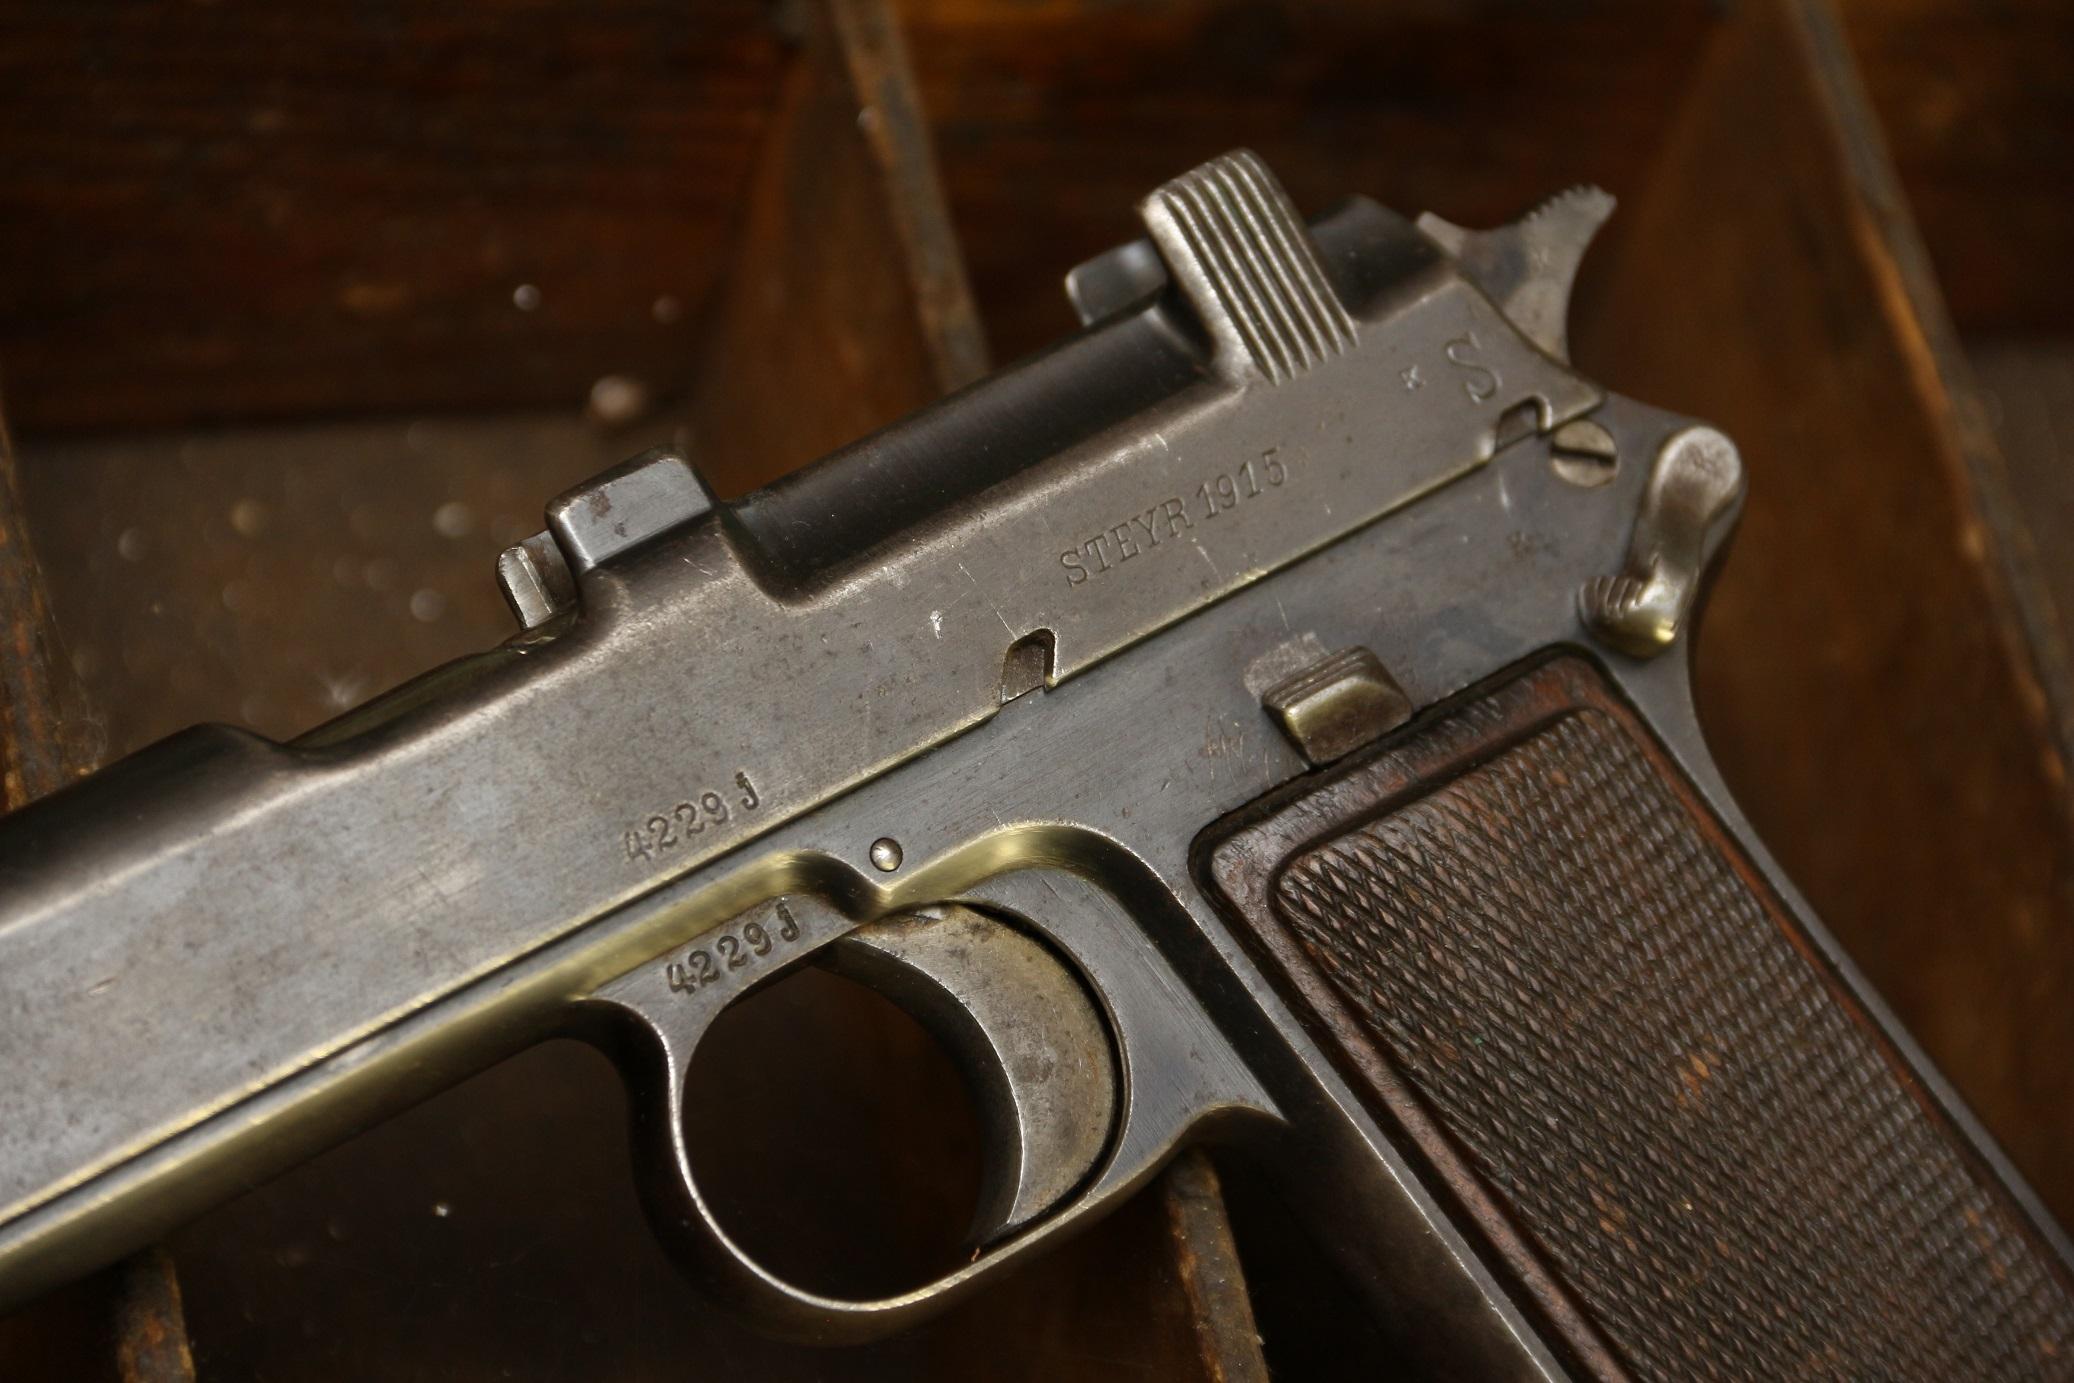 Австрийский пистолет Steyr M1912 #4229j, 1915 год, клеймо 4 уланского полка;